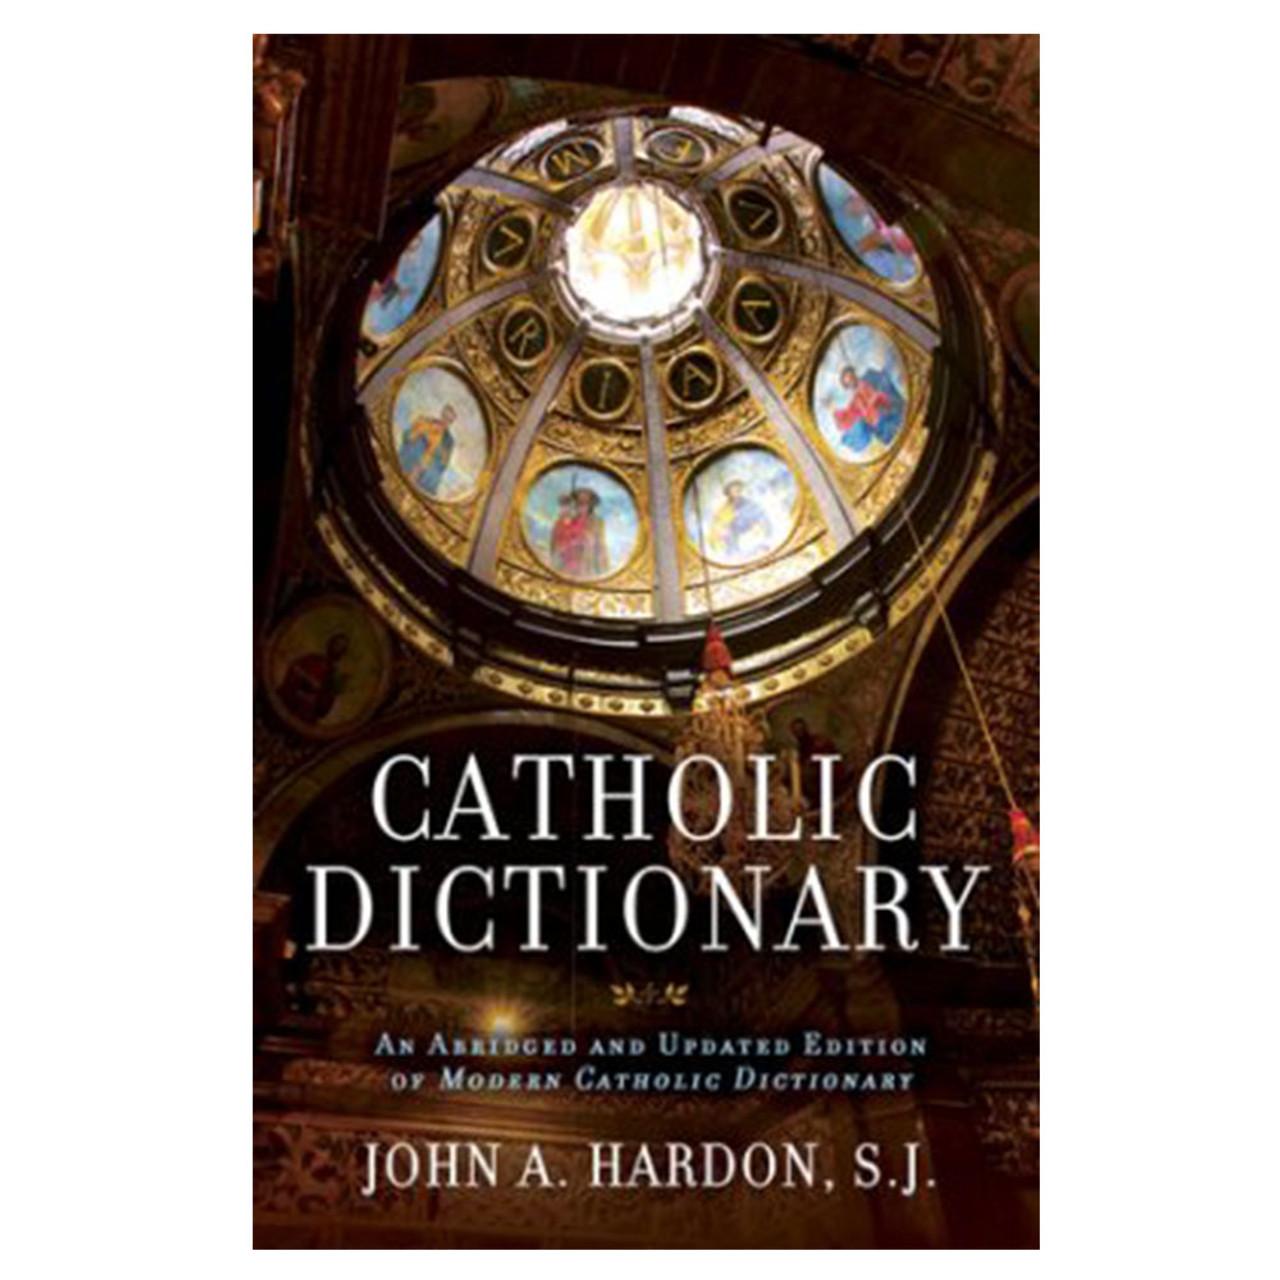 Catholic Dictionary Hardon SJ, John